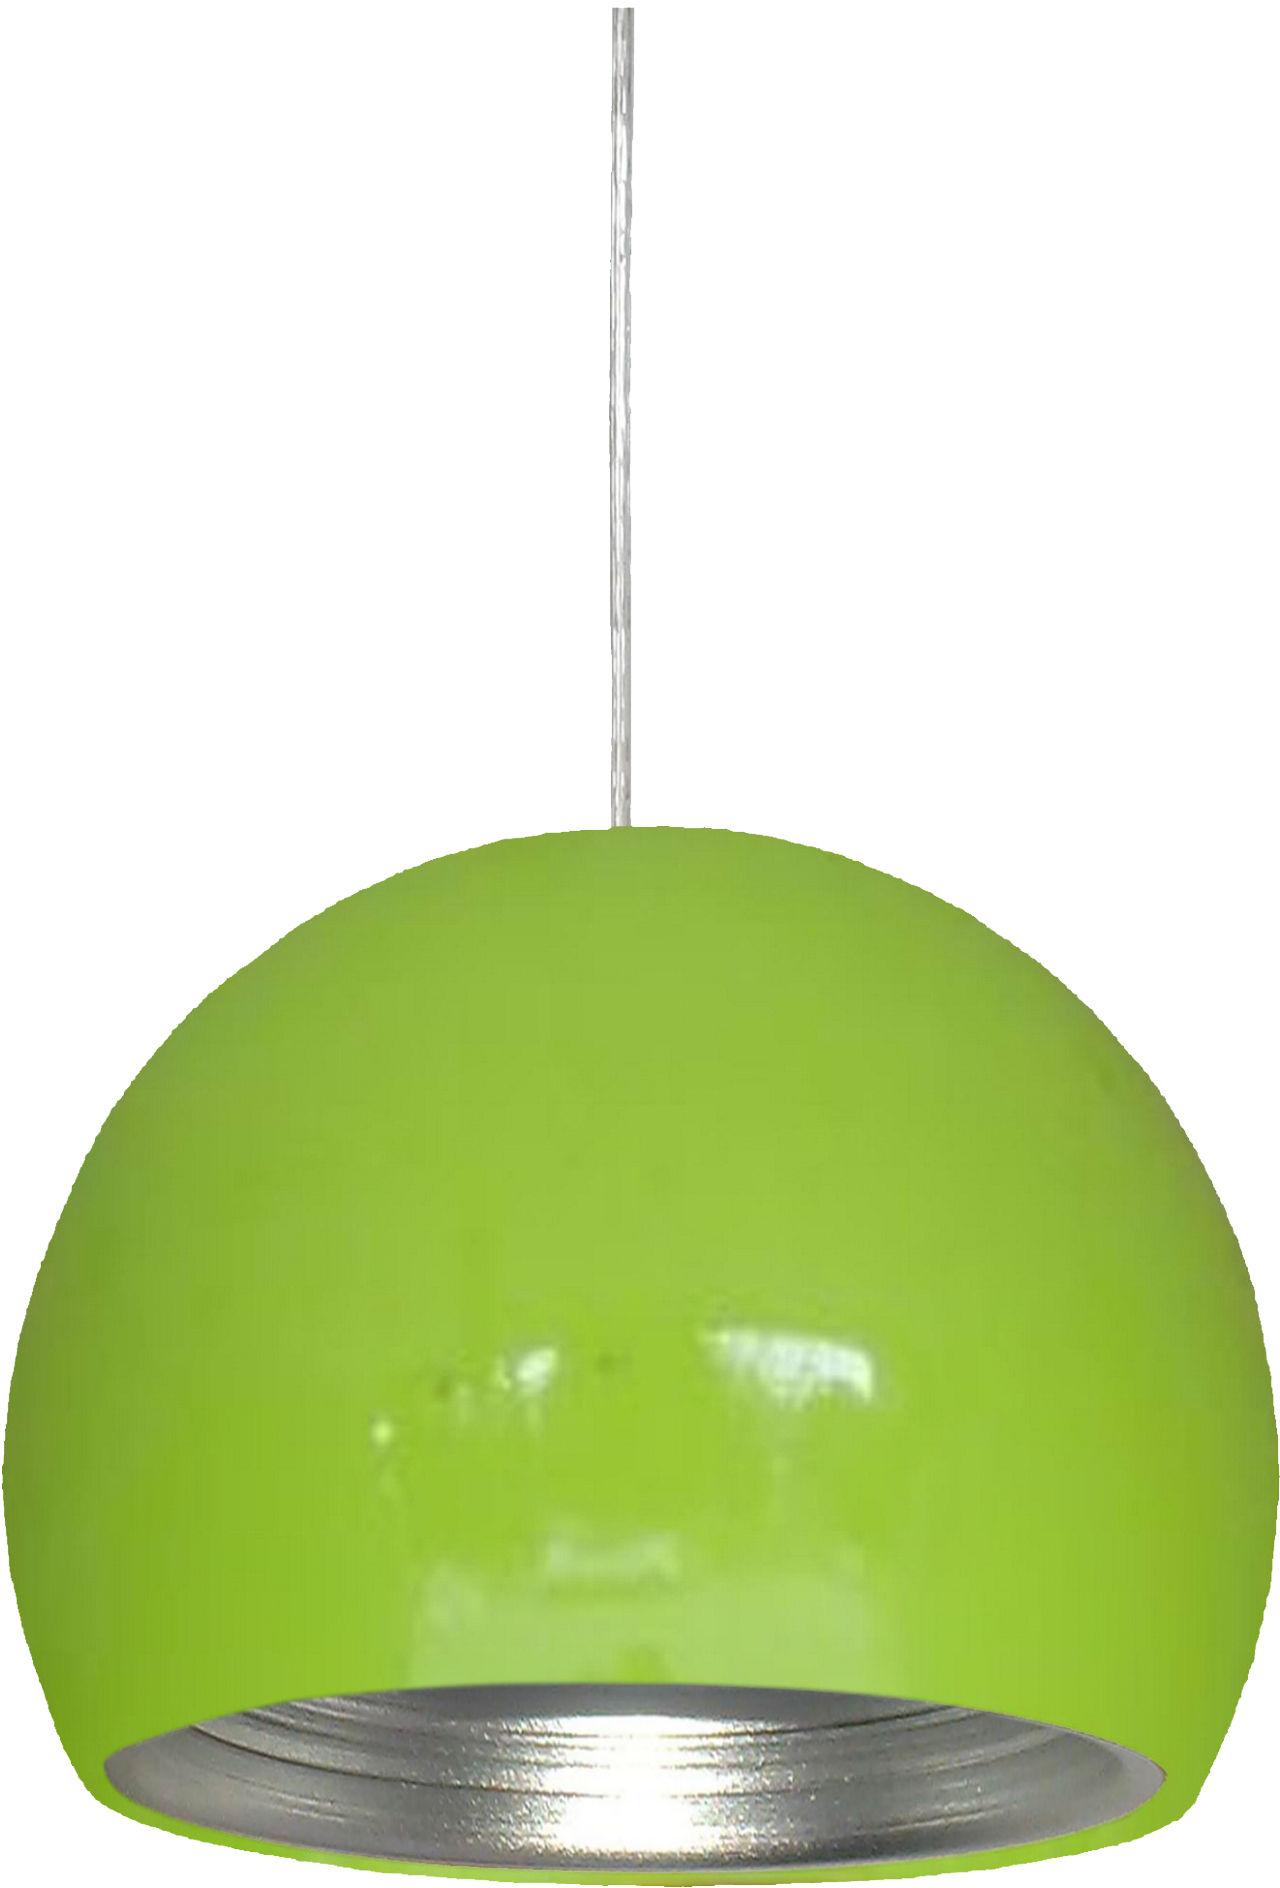 Candellux PICTOR 31-24930 lampa wisząca 1X60W E27 metalowy półkulisty klosz zielony/srebrny z odbłyśnikiem 25 cm